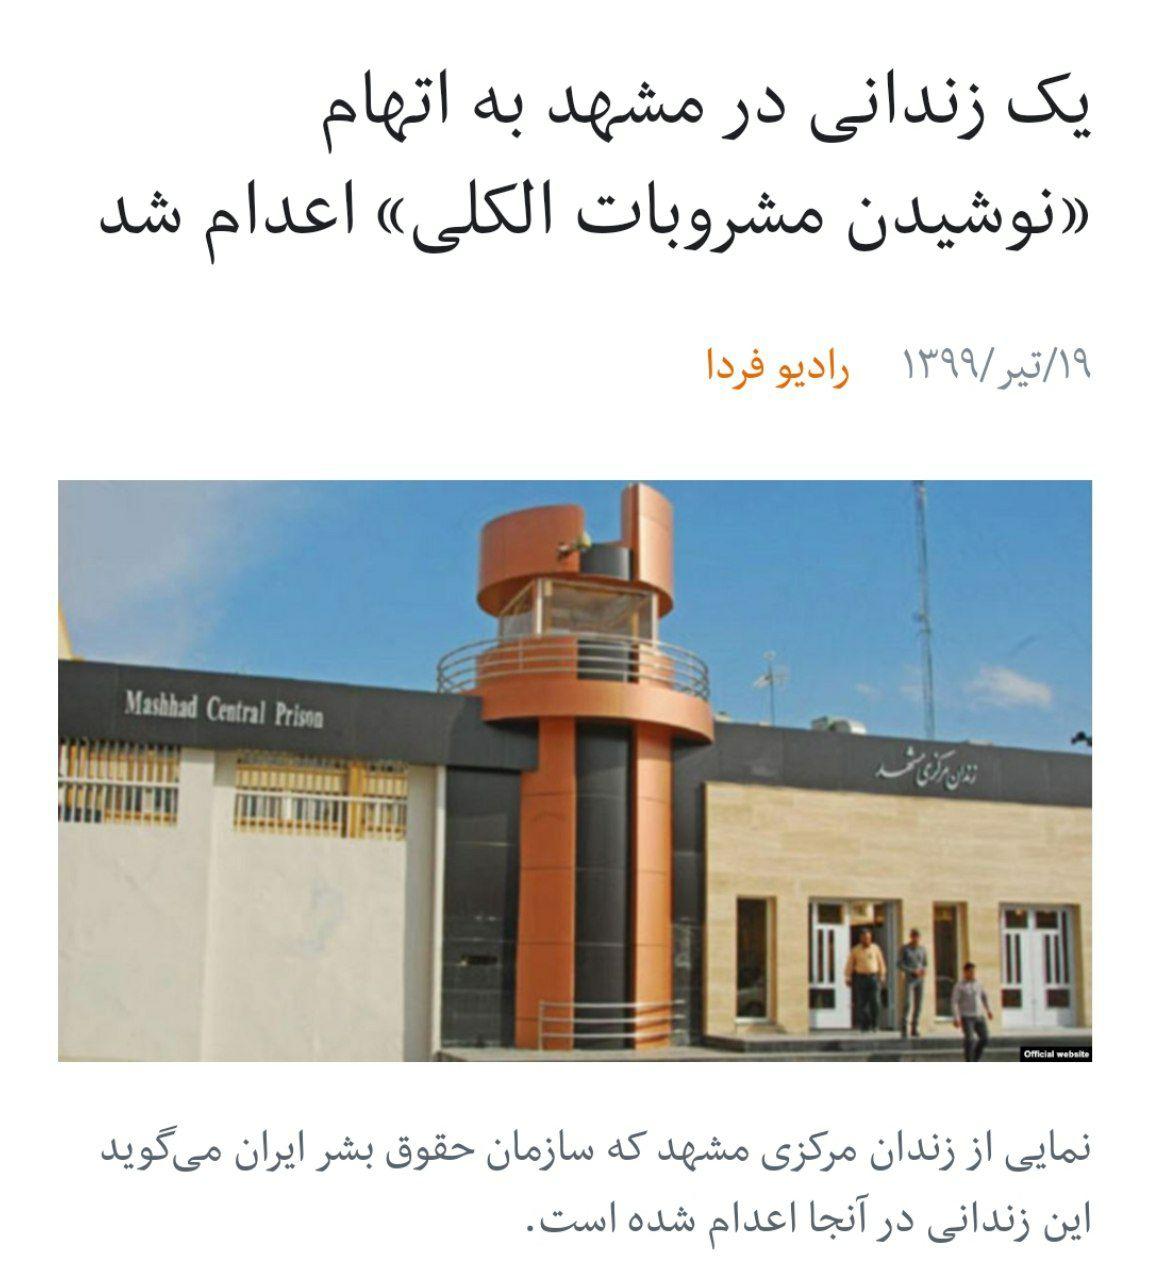 سازمان حقوق بشر ایران روز پنجش … 122851001594368607